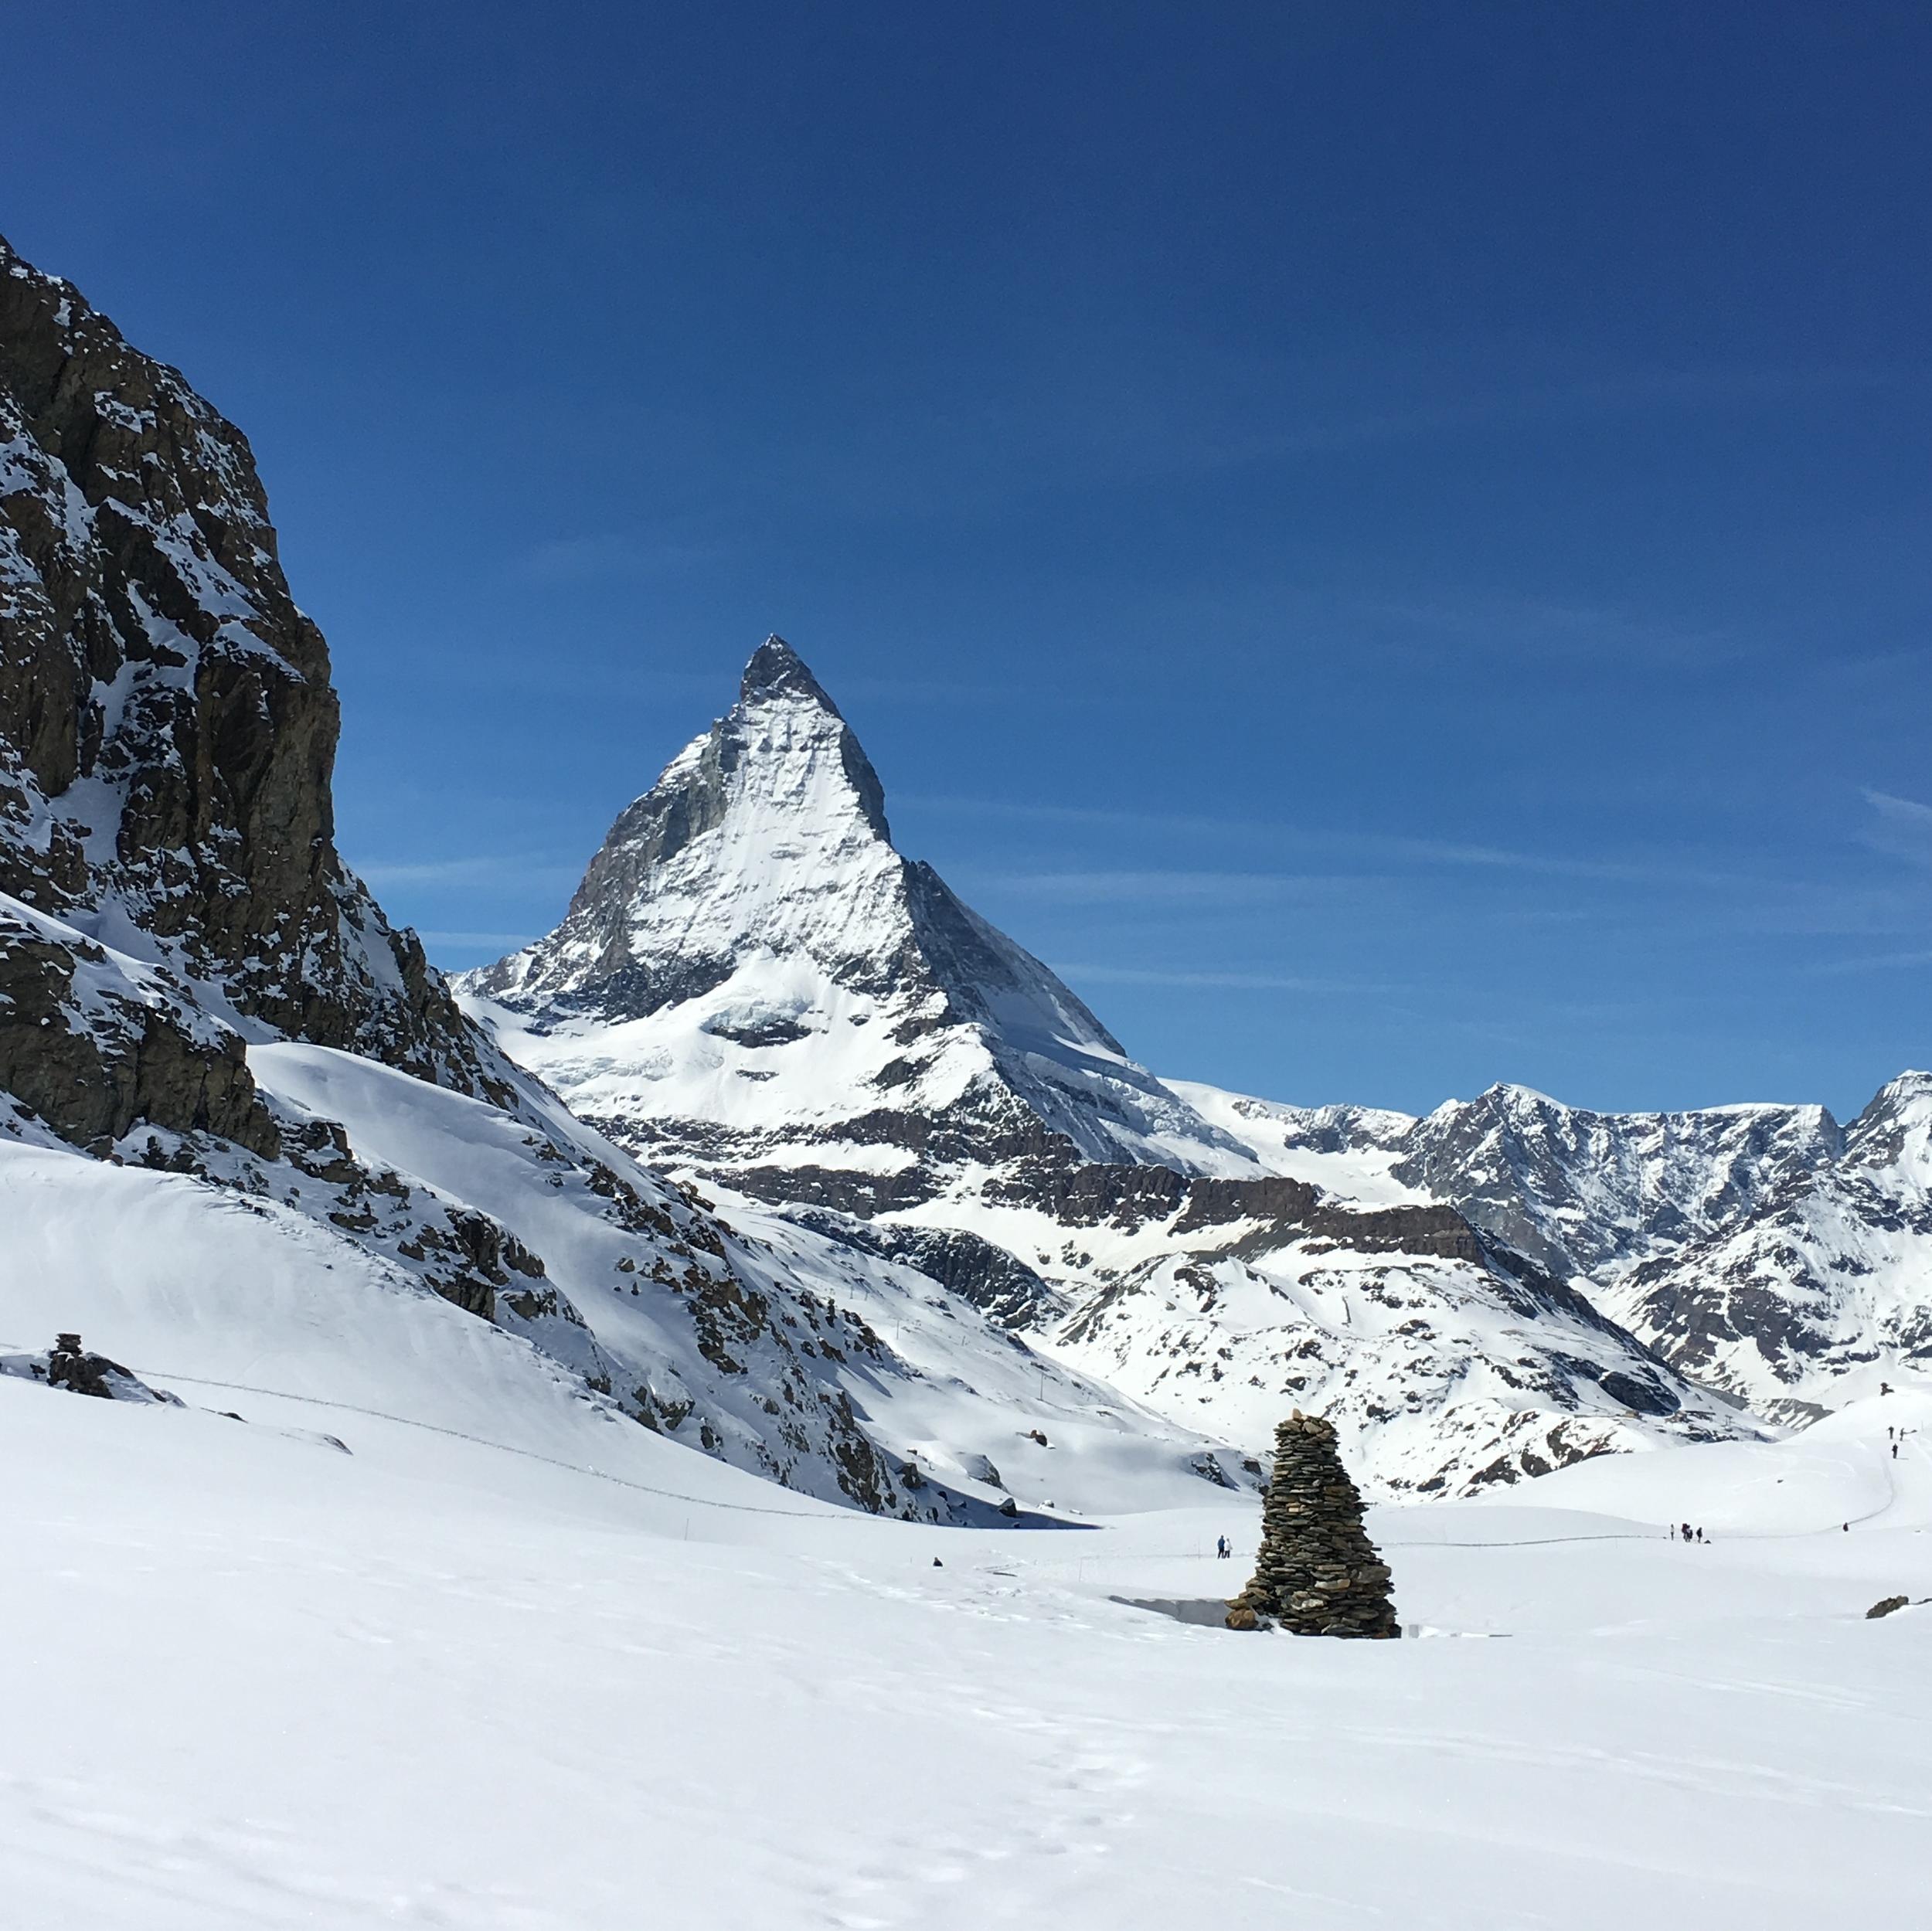 Formación en piedras imitando la forma del Matterhorn. Foto: Bruny Nieves